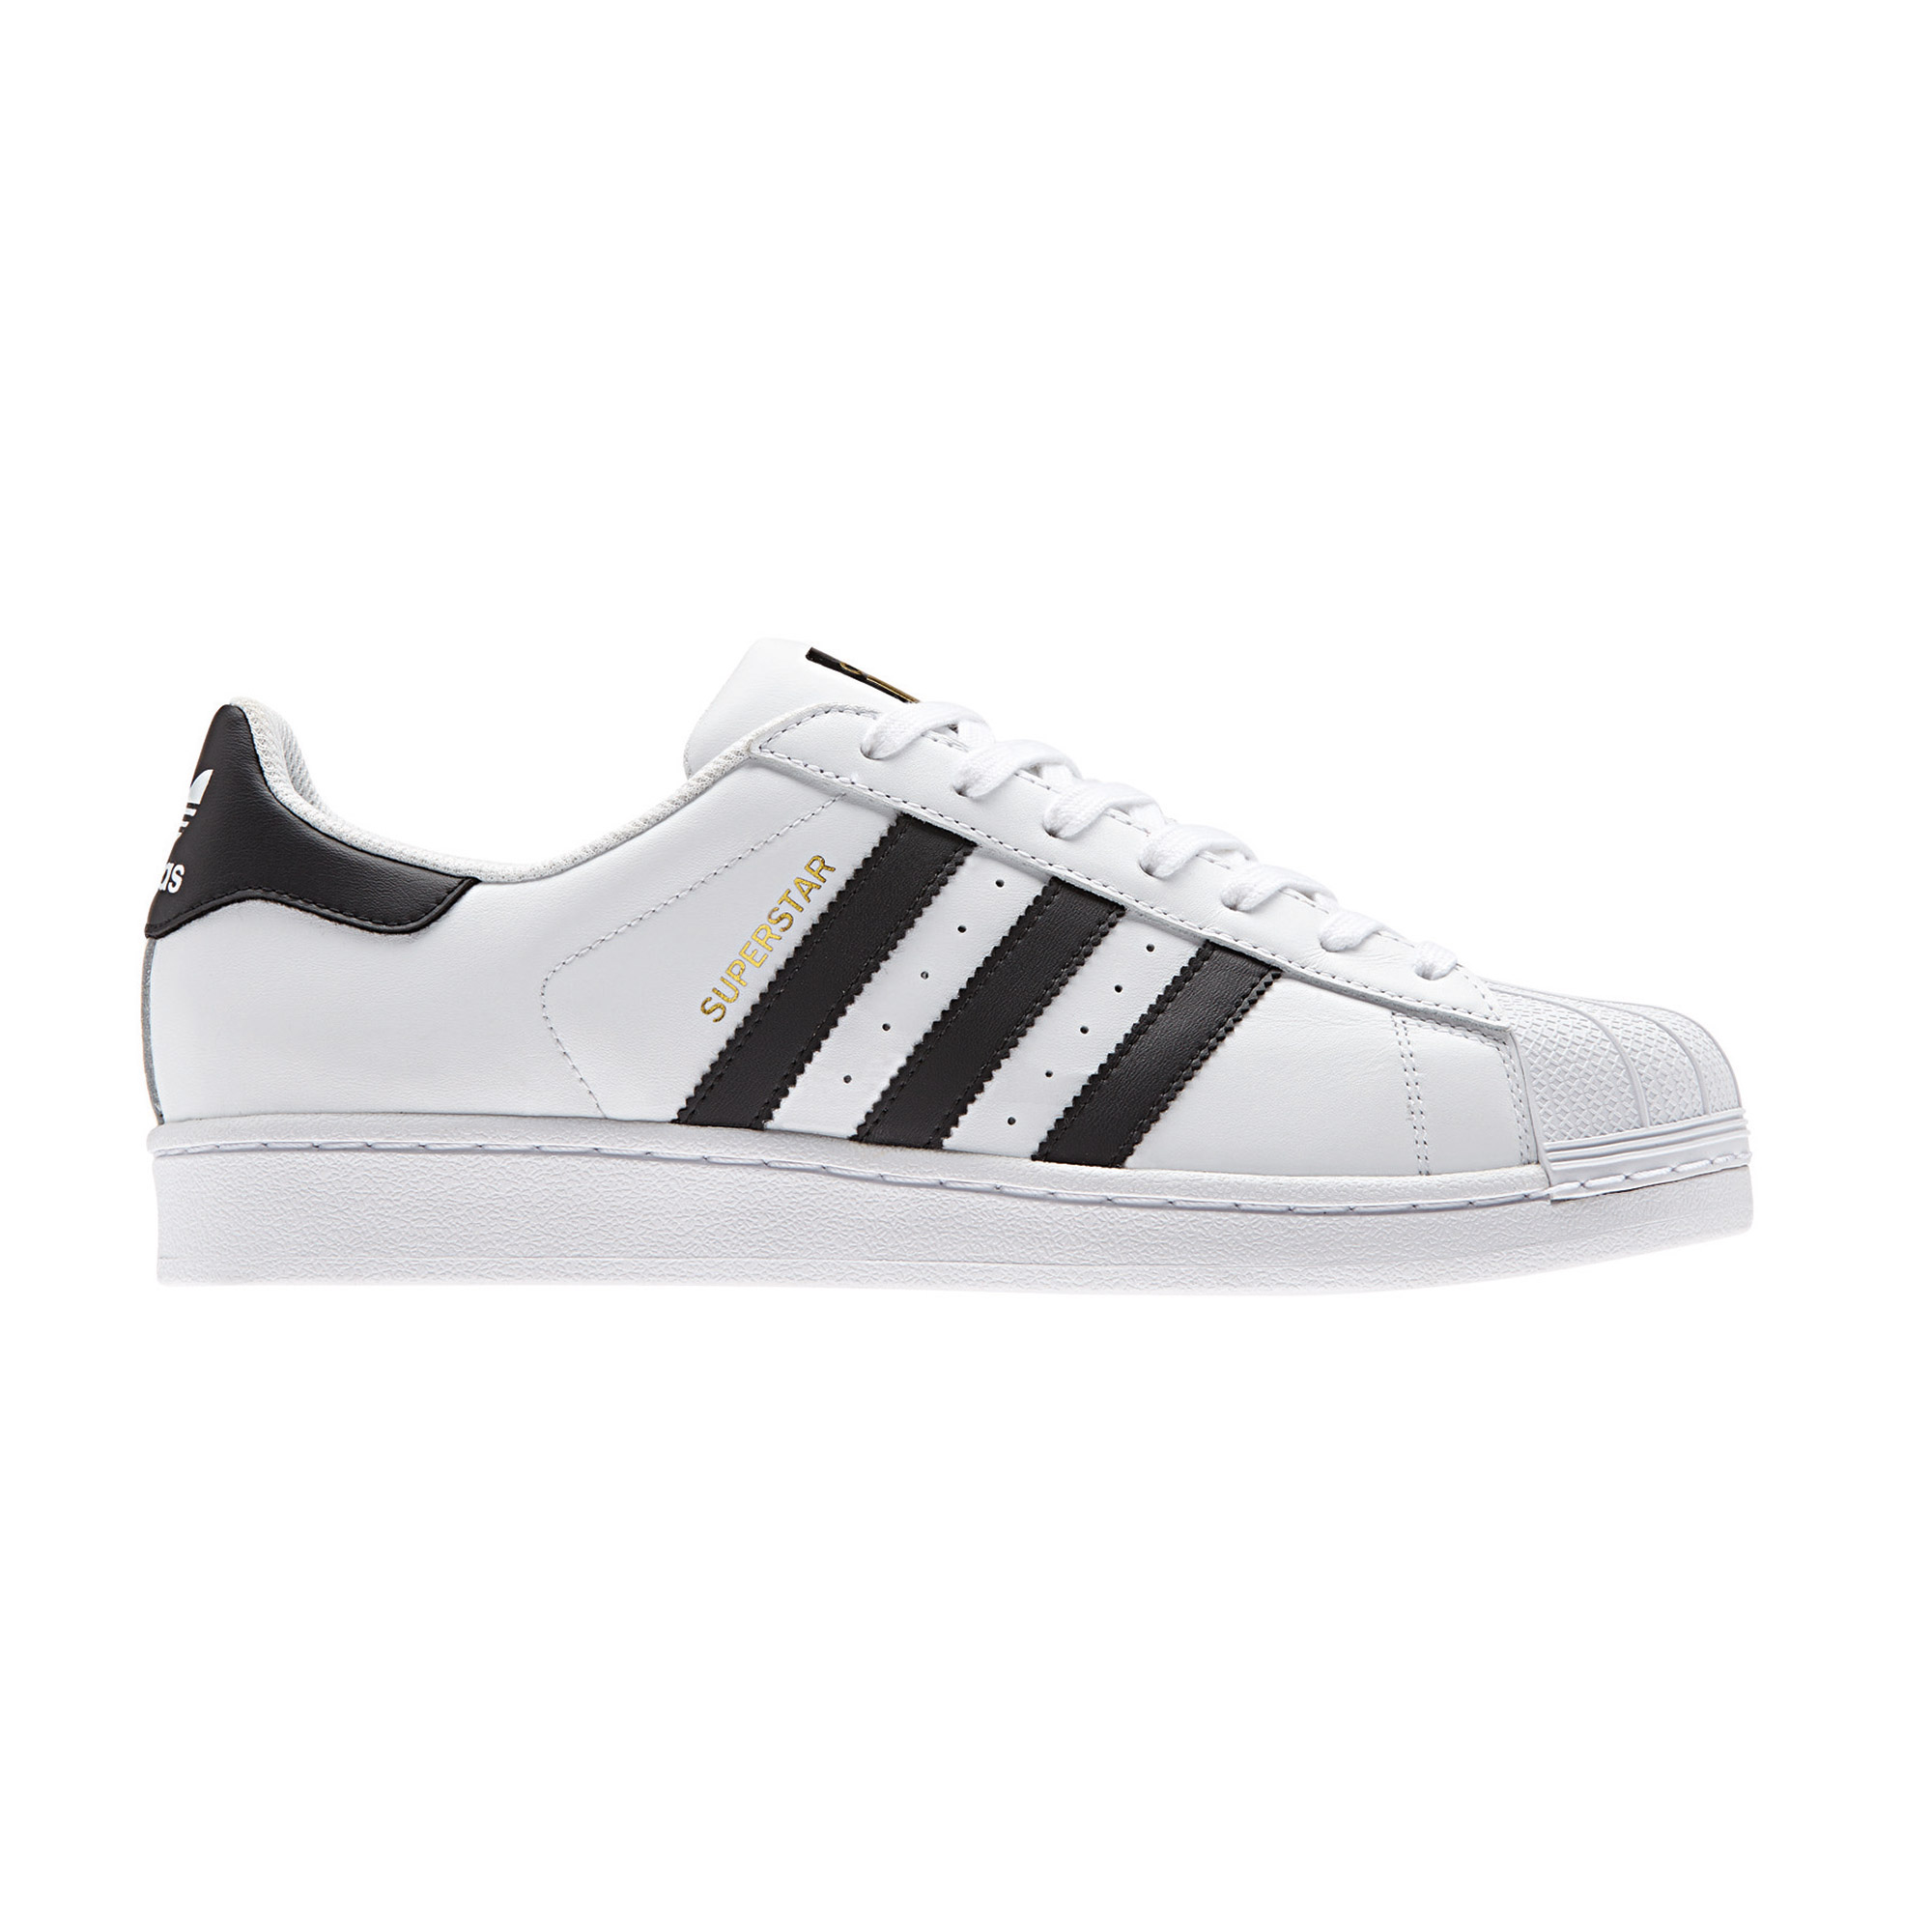 Adidas Superstar Ii Schoenen